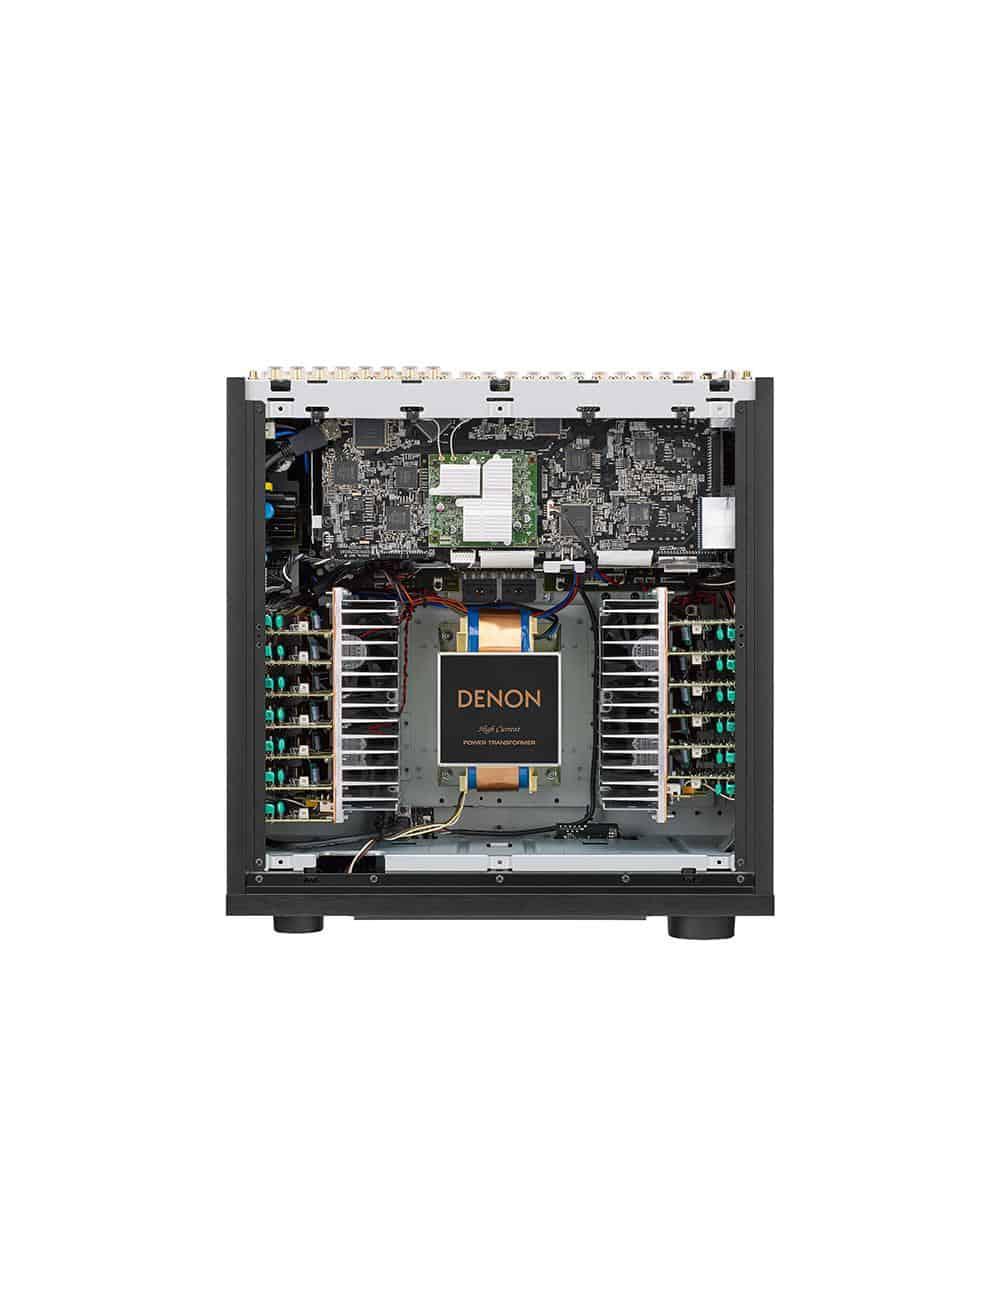 Amplificatore AV 13.2 canali 4K Ultra HD con Audio 3D e HEOS, Denon AVC-X8500H, vista interno